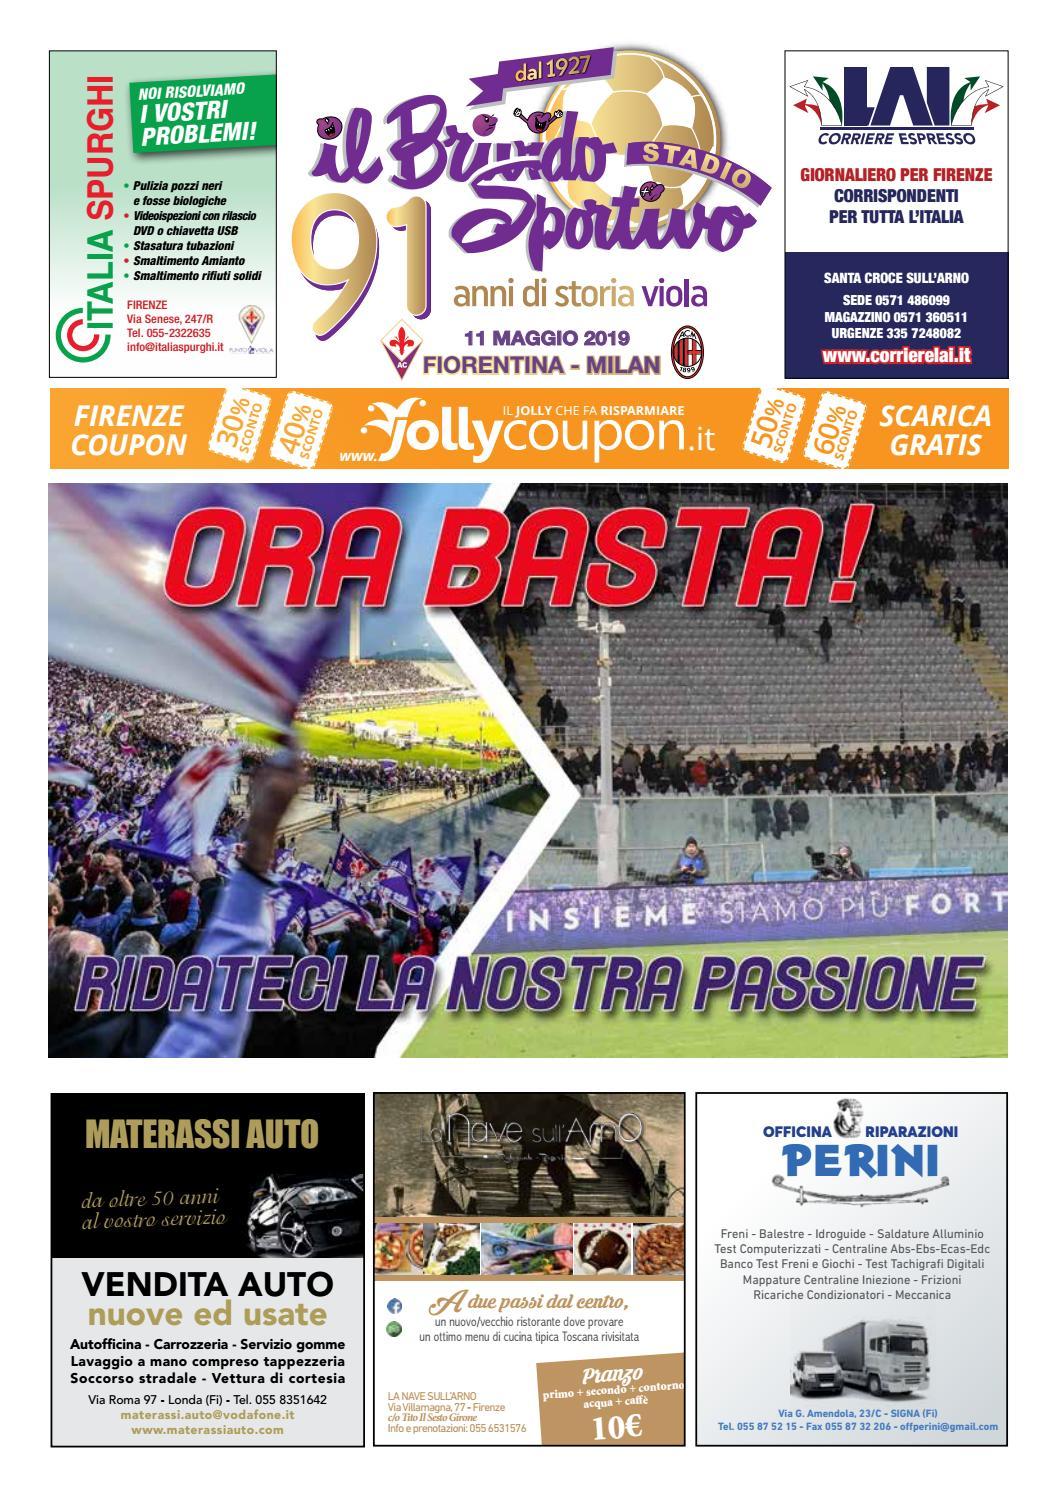 Materassi Auto Londa.Il Brivido Sportivo Fiorentina Milan Del 11 05 2019 By Sportmedia